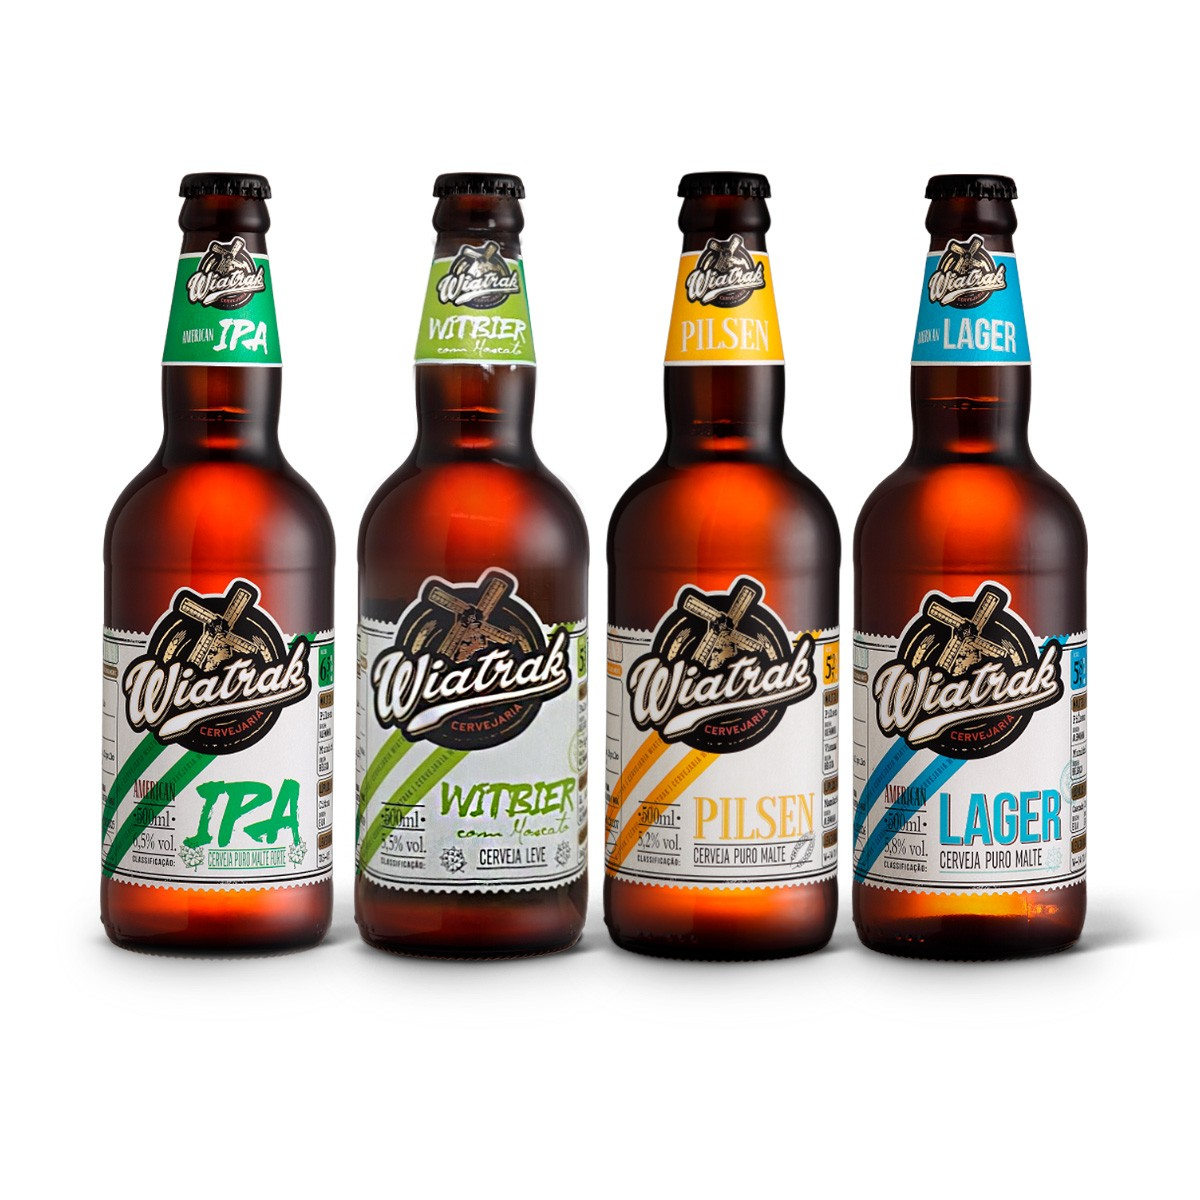 Kit degustação Wiatrak 4 cervejas 500ml